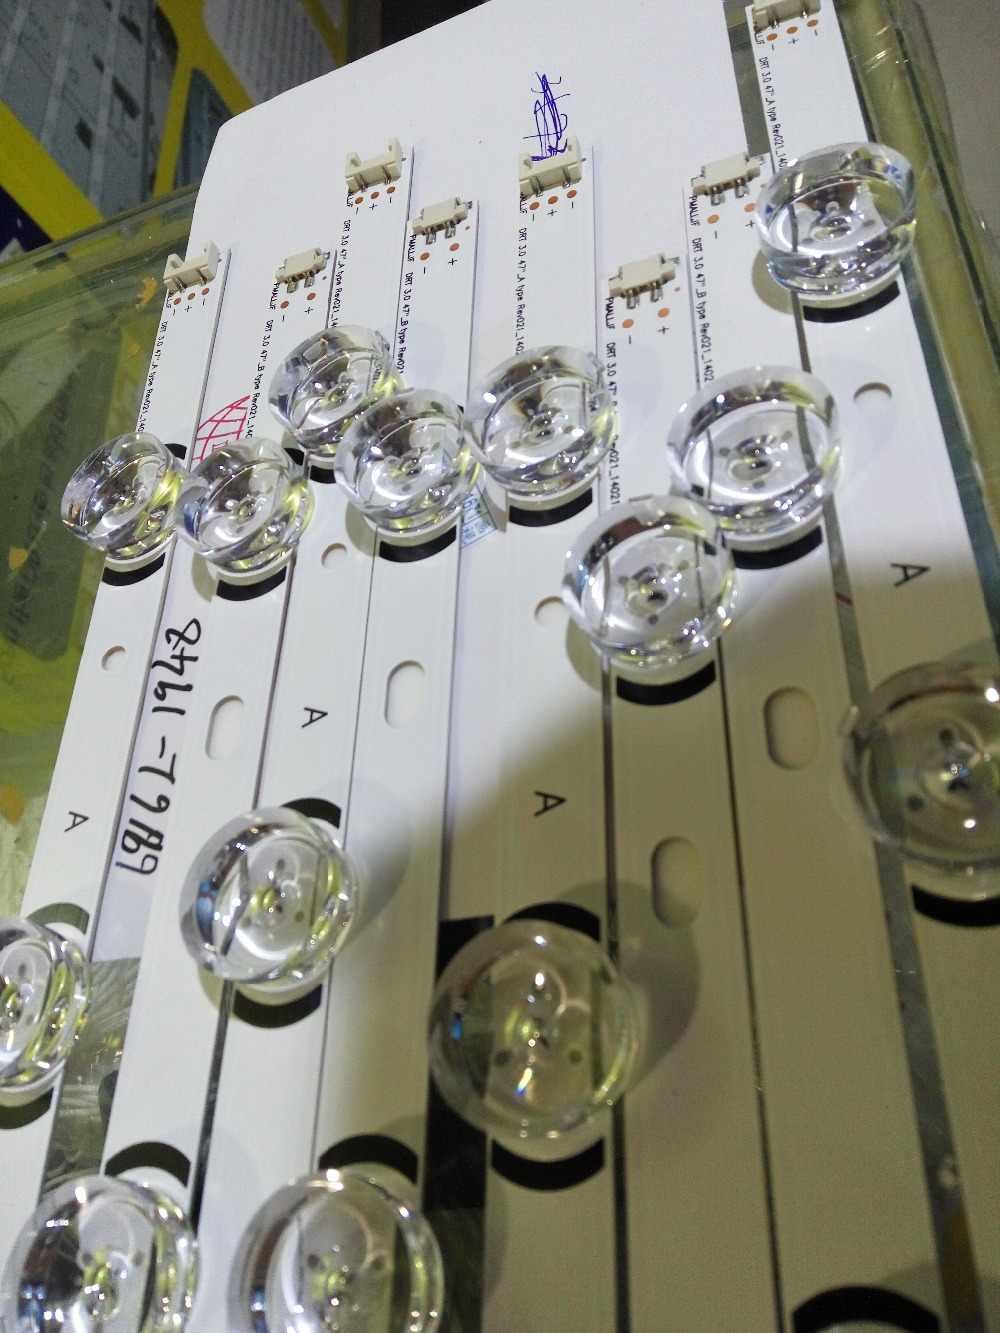 8 STUKS nieuwe 5 + 4LED STRIP nnotek DRT 3.0 6916L-1948A 6916L-1949A 6916L-1961A 6916L-1962A 6916-1715A 6916L-1716A voor 47LB5610-CD